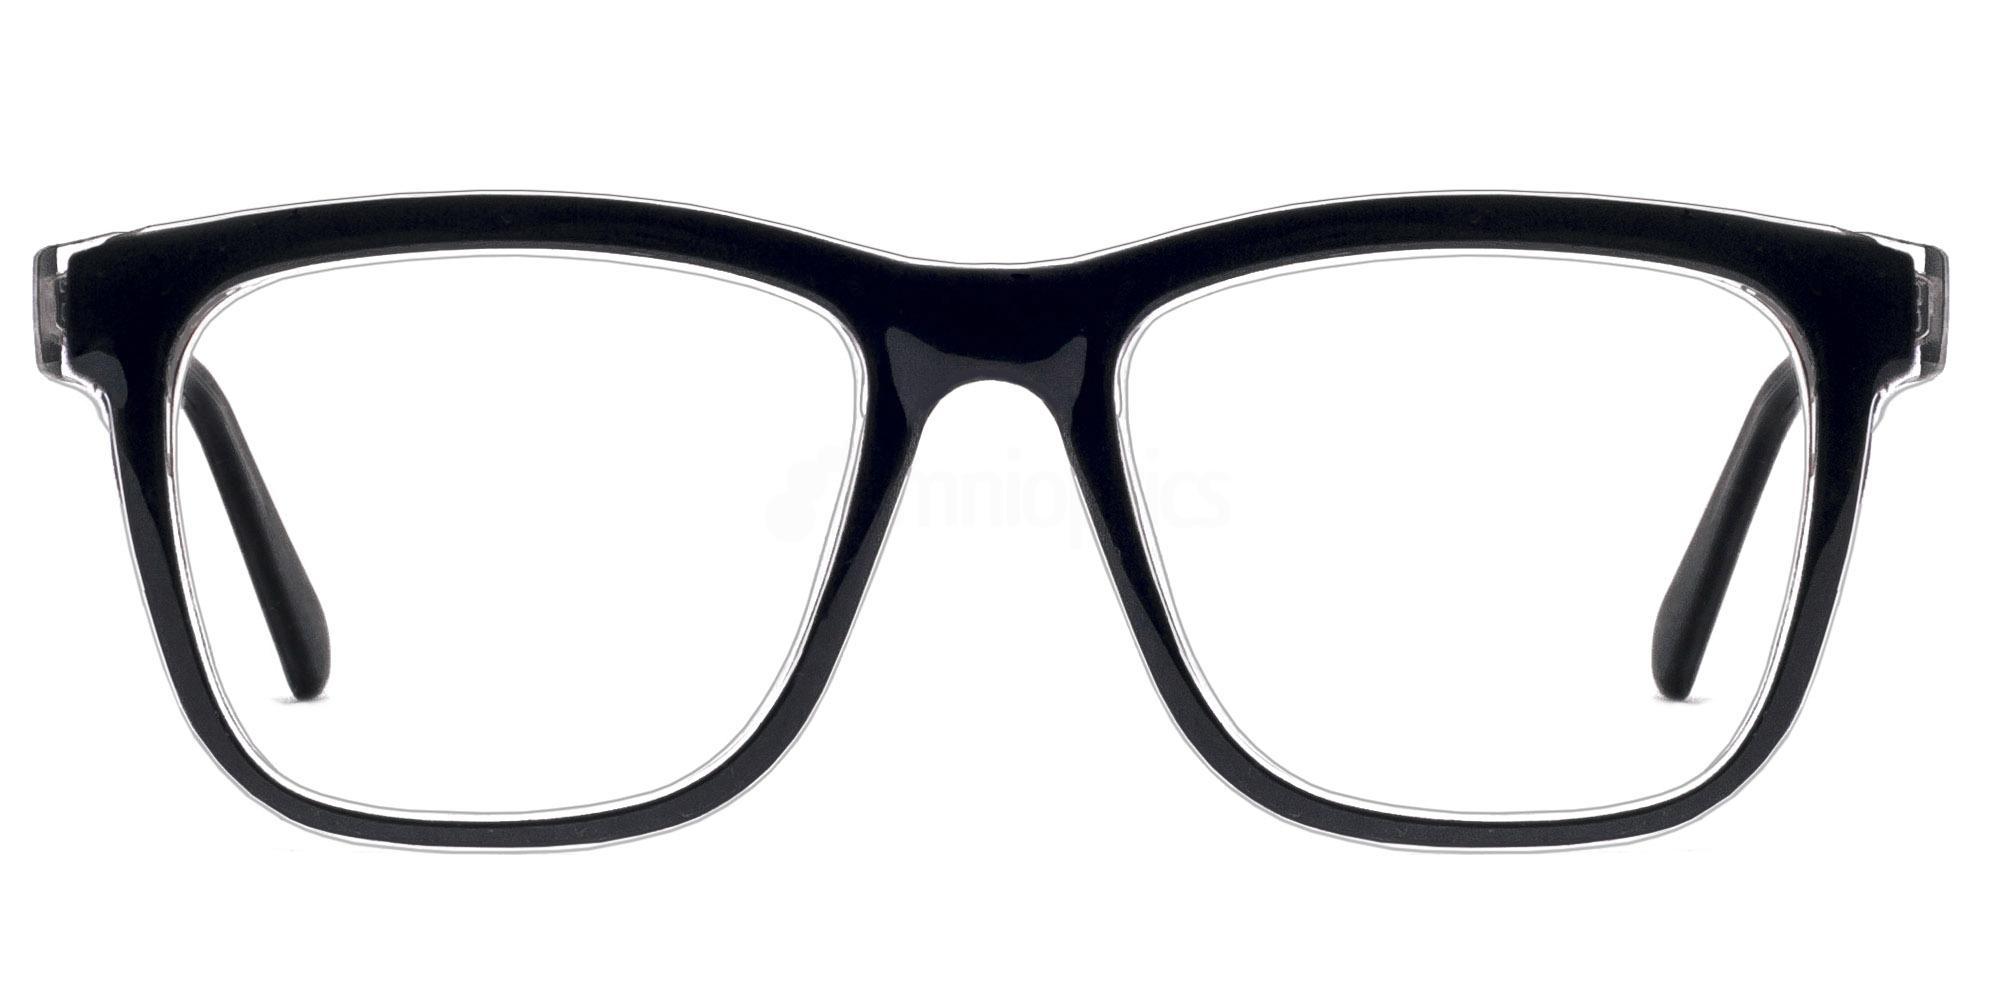 C44 2444 - Black and Purple Glasses, Savannah